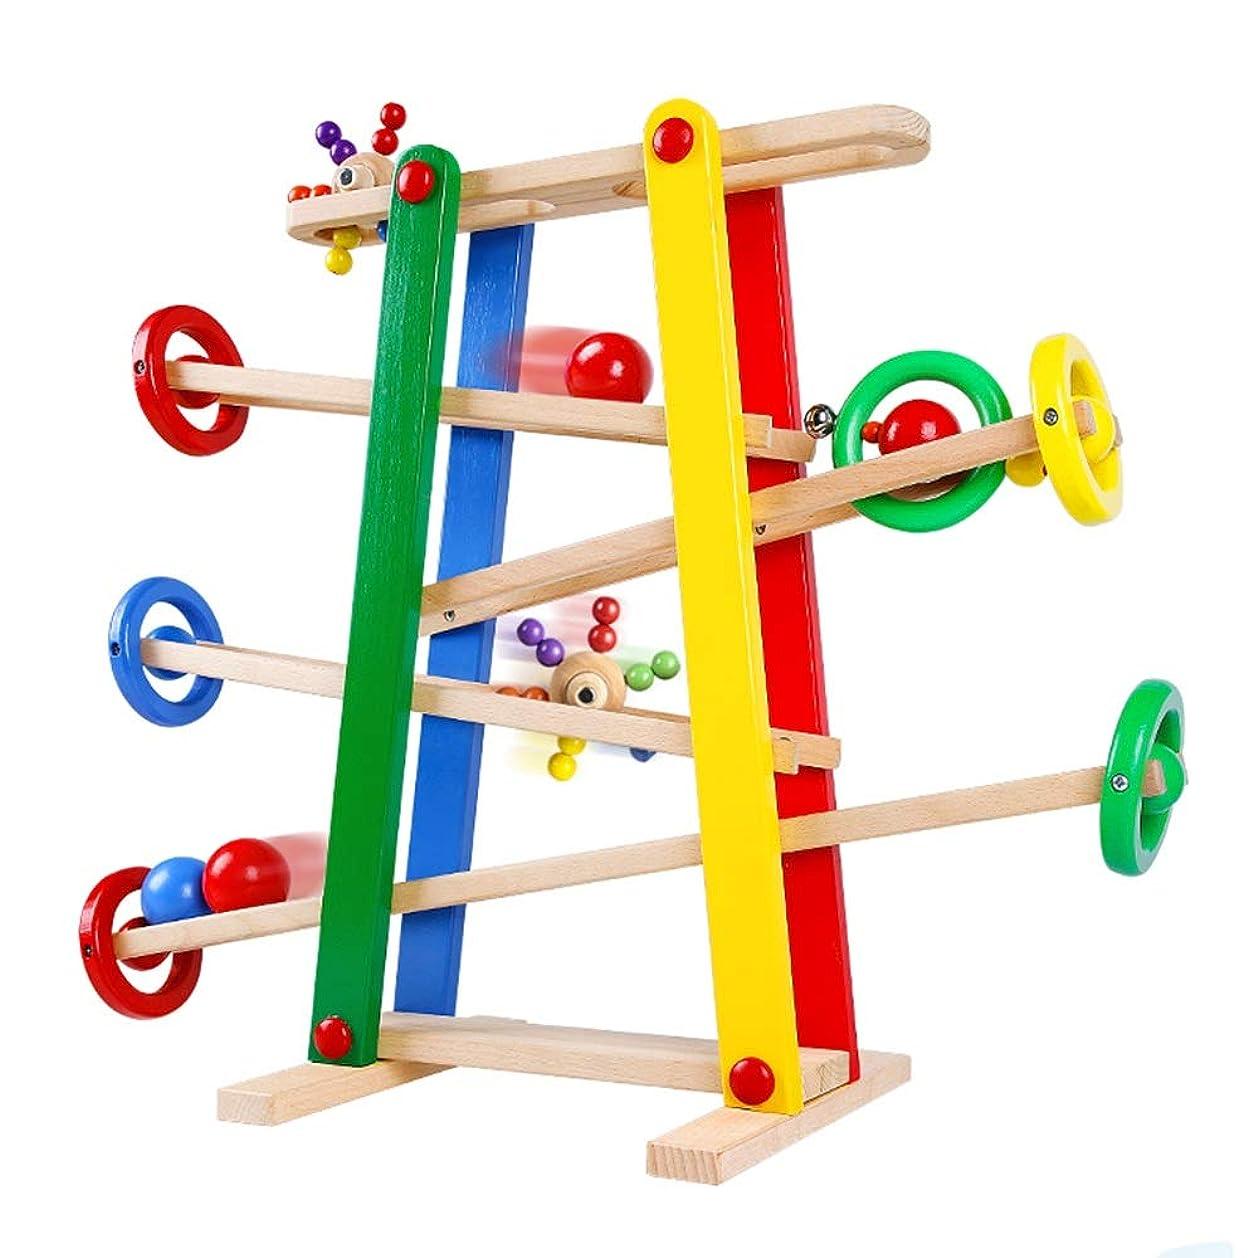 銃アミューズメントエイリアスXyanzi 子どもおもちゃ 木製のランプ、4ミニ車でランプレーサーゲームカラフルなウッドレーストラックランプ幼児のおもちゃ1 2歳男の子と女の子の贈り物